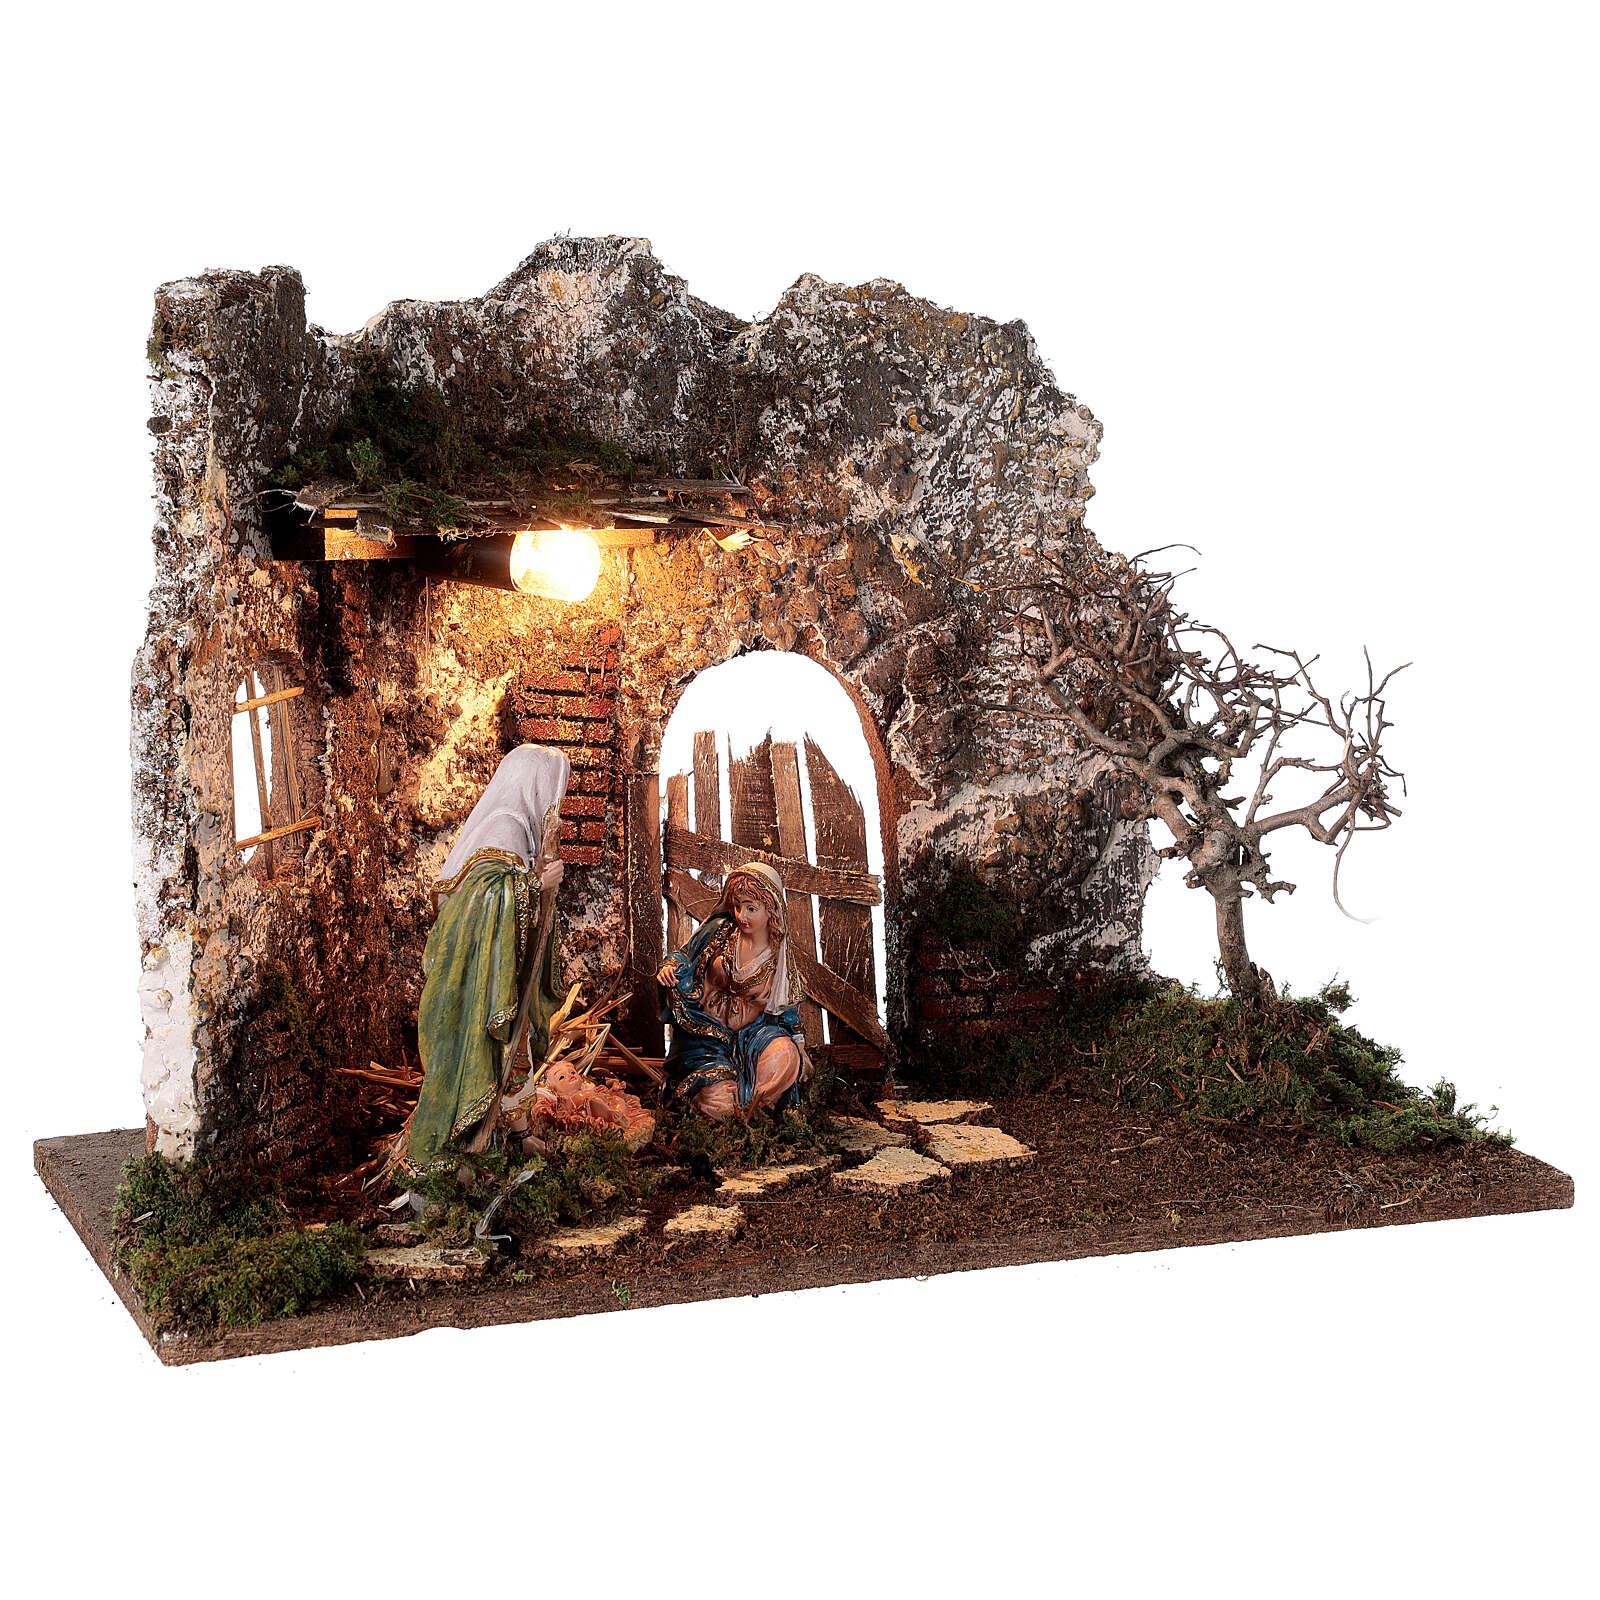 Gruta iluminada porta de madeira Natividade de Jesus altura média 16 cm; medidas: 35x50x25 cm 4